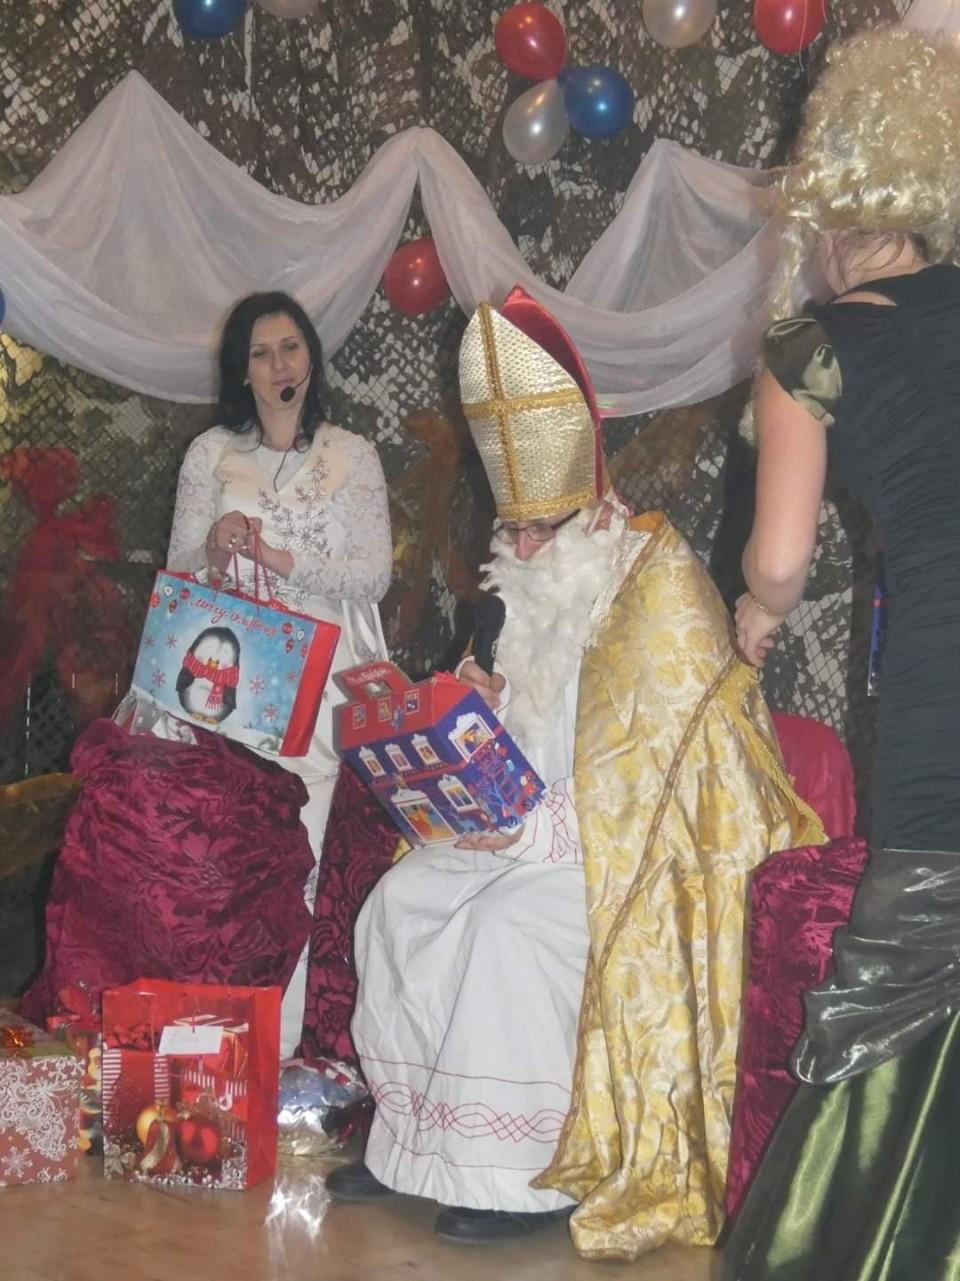 św. mikołaj przynosi prezenty